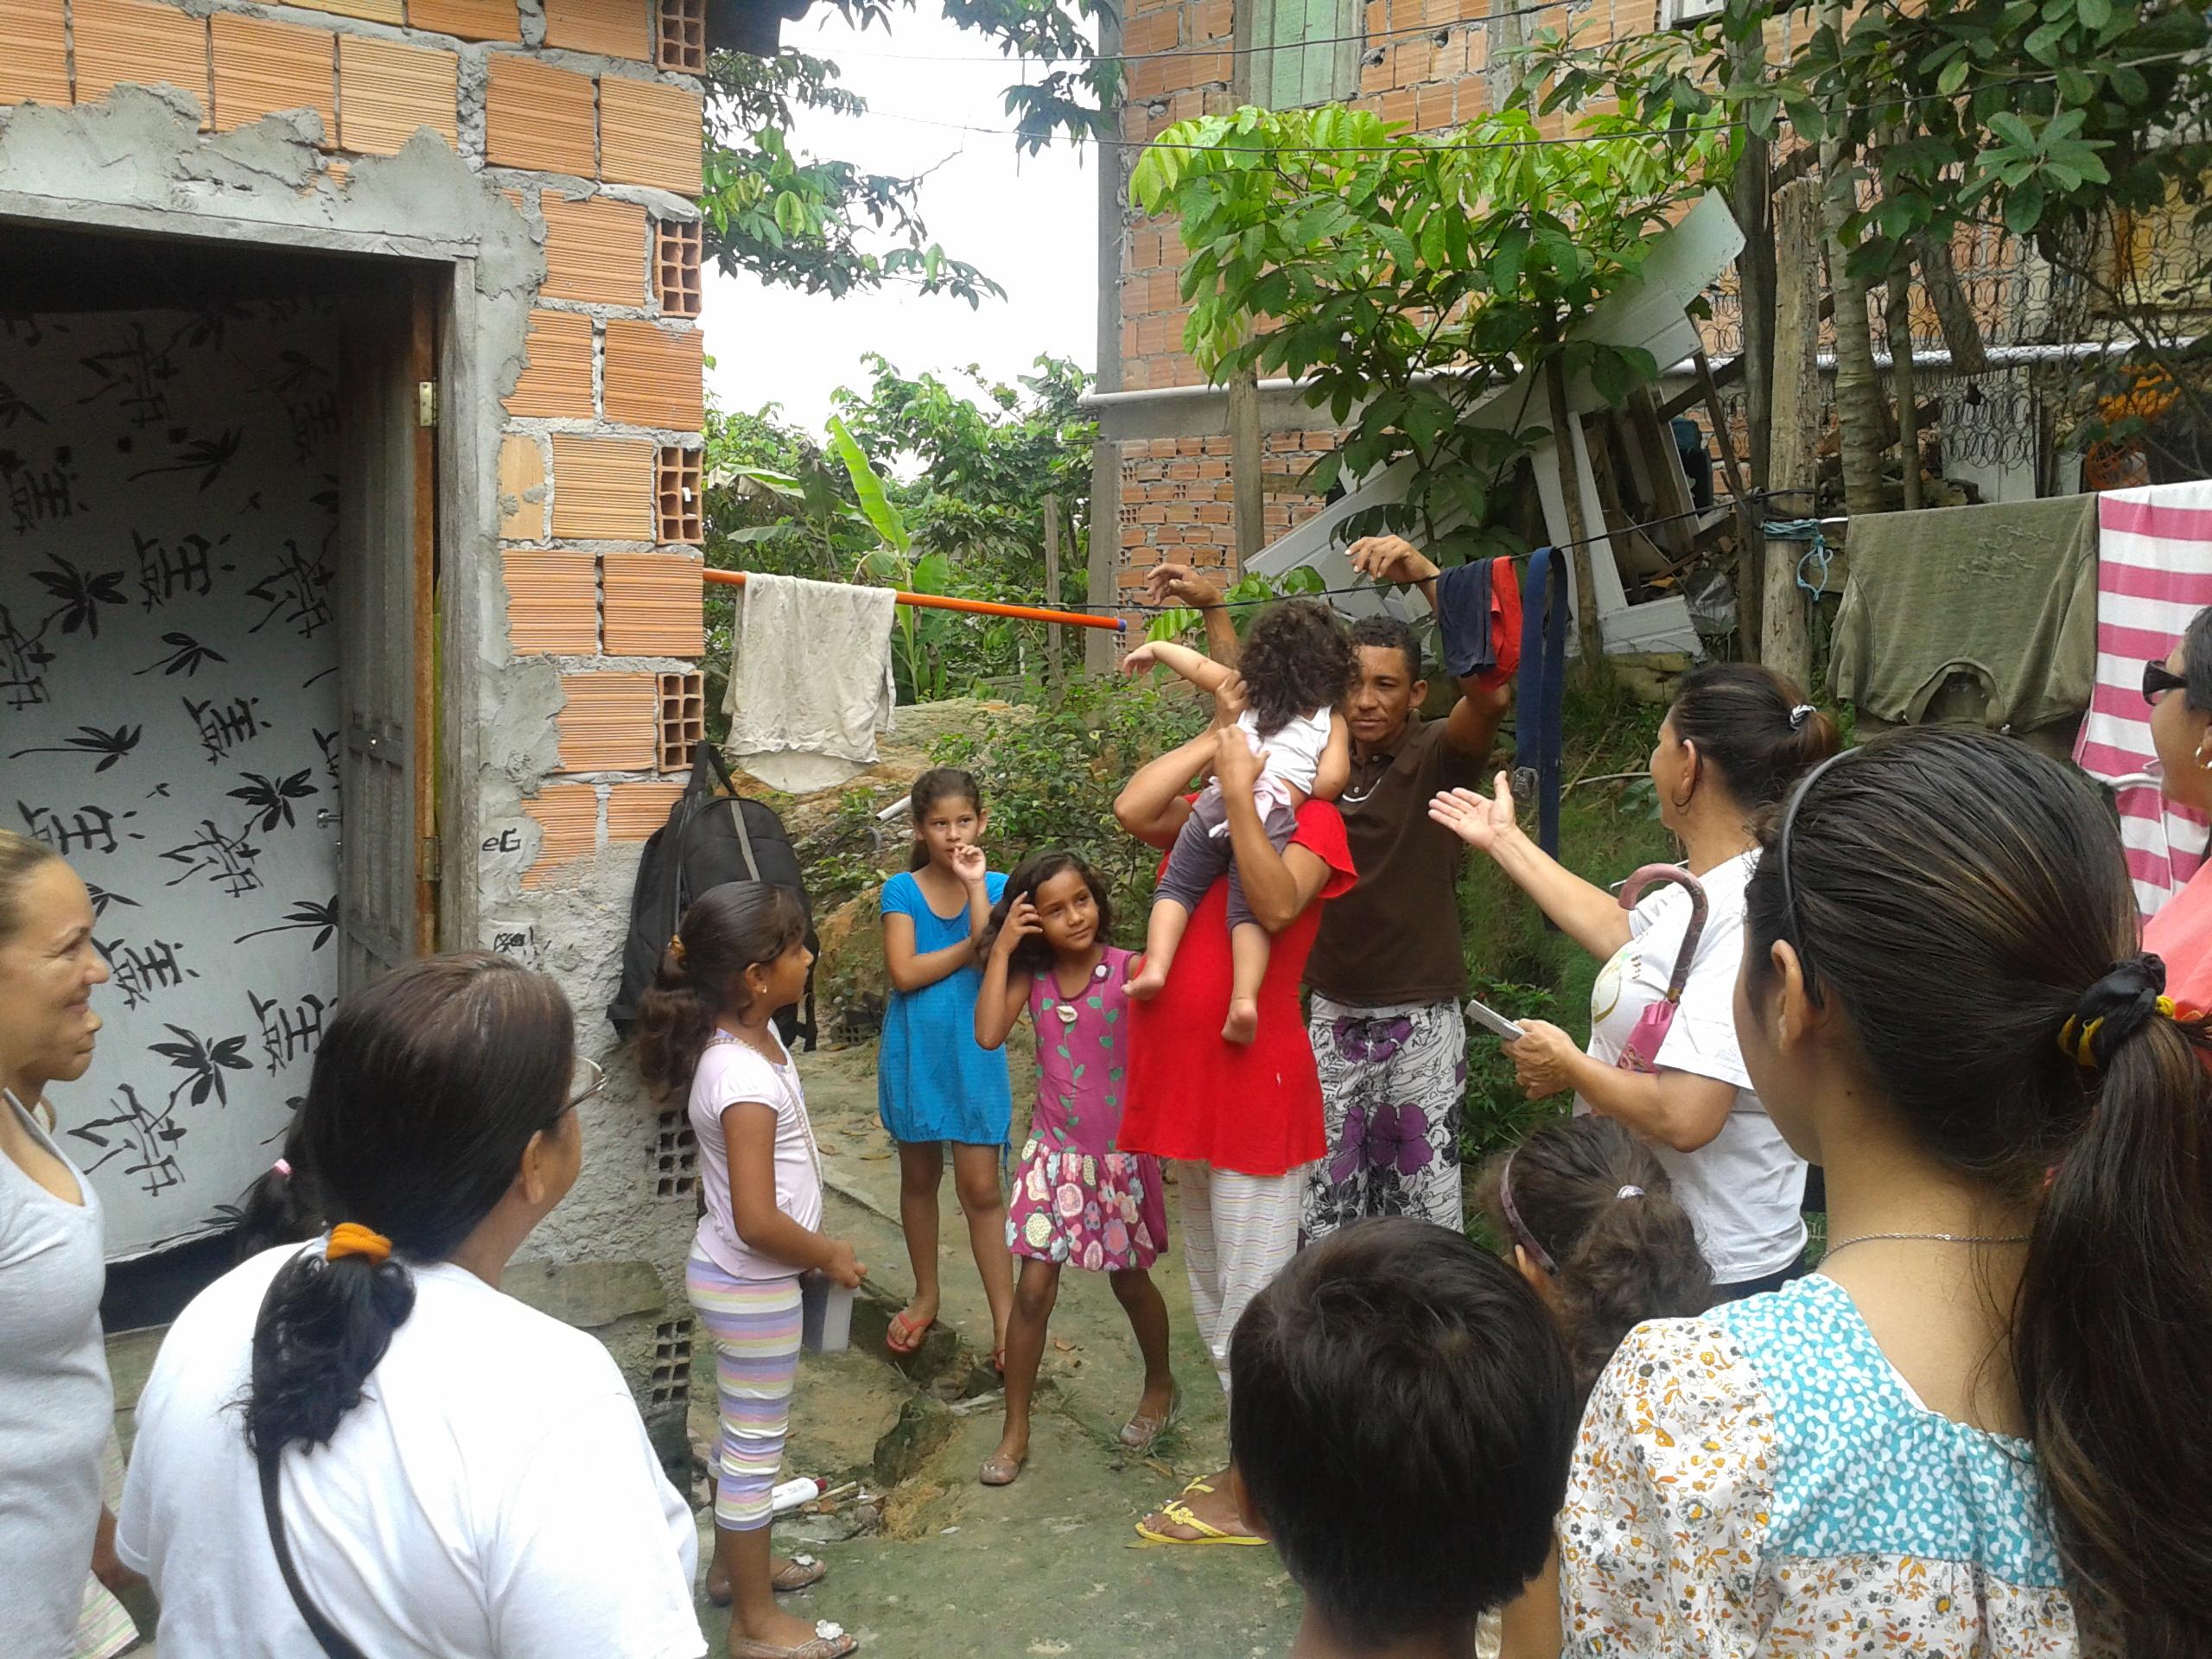 Em 2013, o foco é o de atingir vidas por meio do evangelho, e o grupo de evangelismo sai nas ruas do bairro Monte das Oliveiras para levar uma palavra de amor às famílias que são vizinhas do templo.